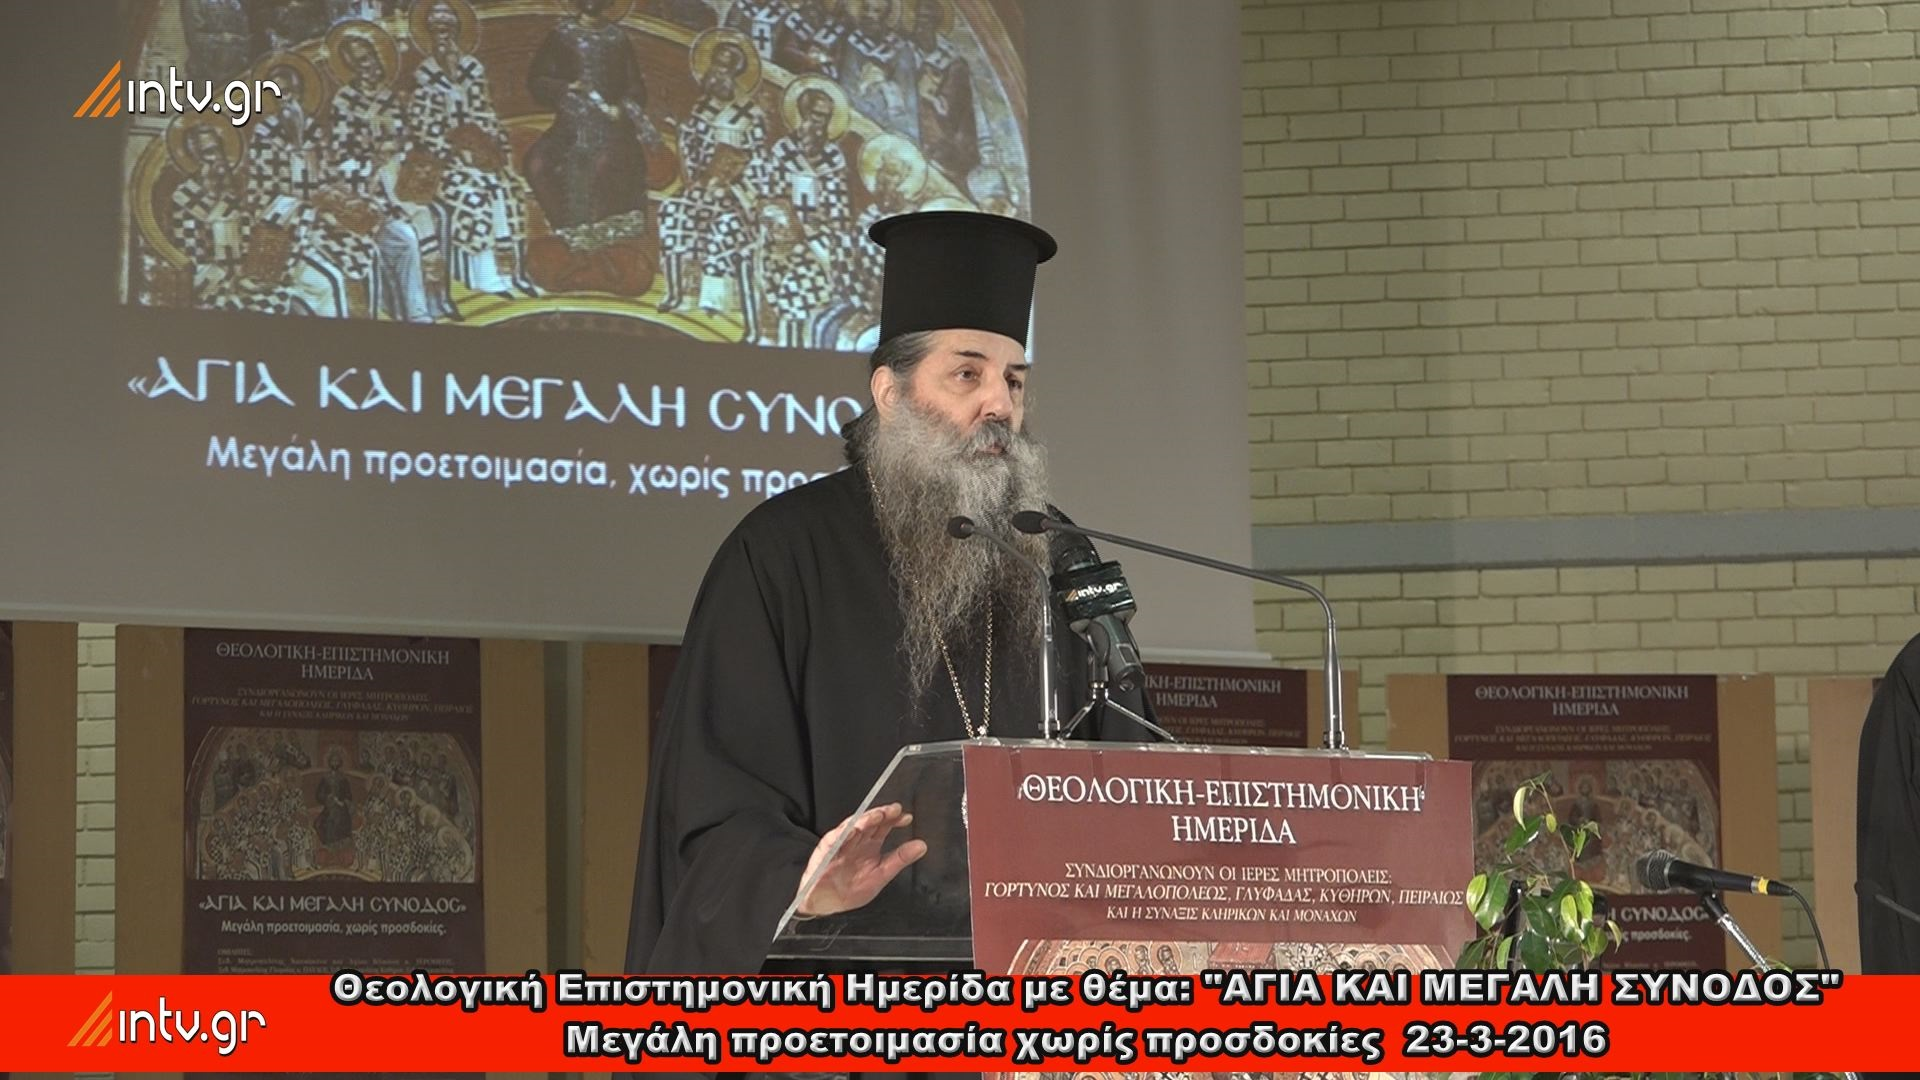 """Θεολογική-Επιστημονική Ημερίδα: """"Αγία και Μεγάλη Σύνοδος"""" - Μεγάλη προετοιμασία, χωρίς προσδοκίες"""